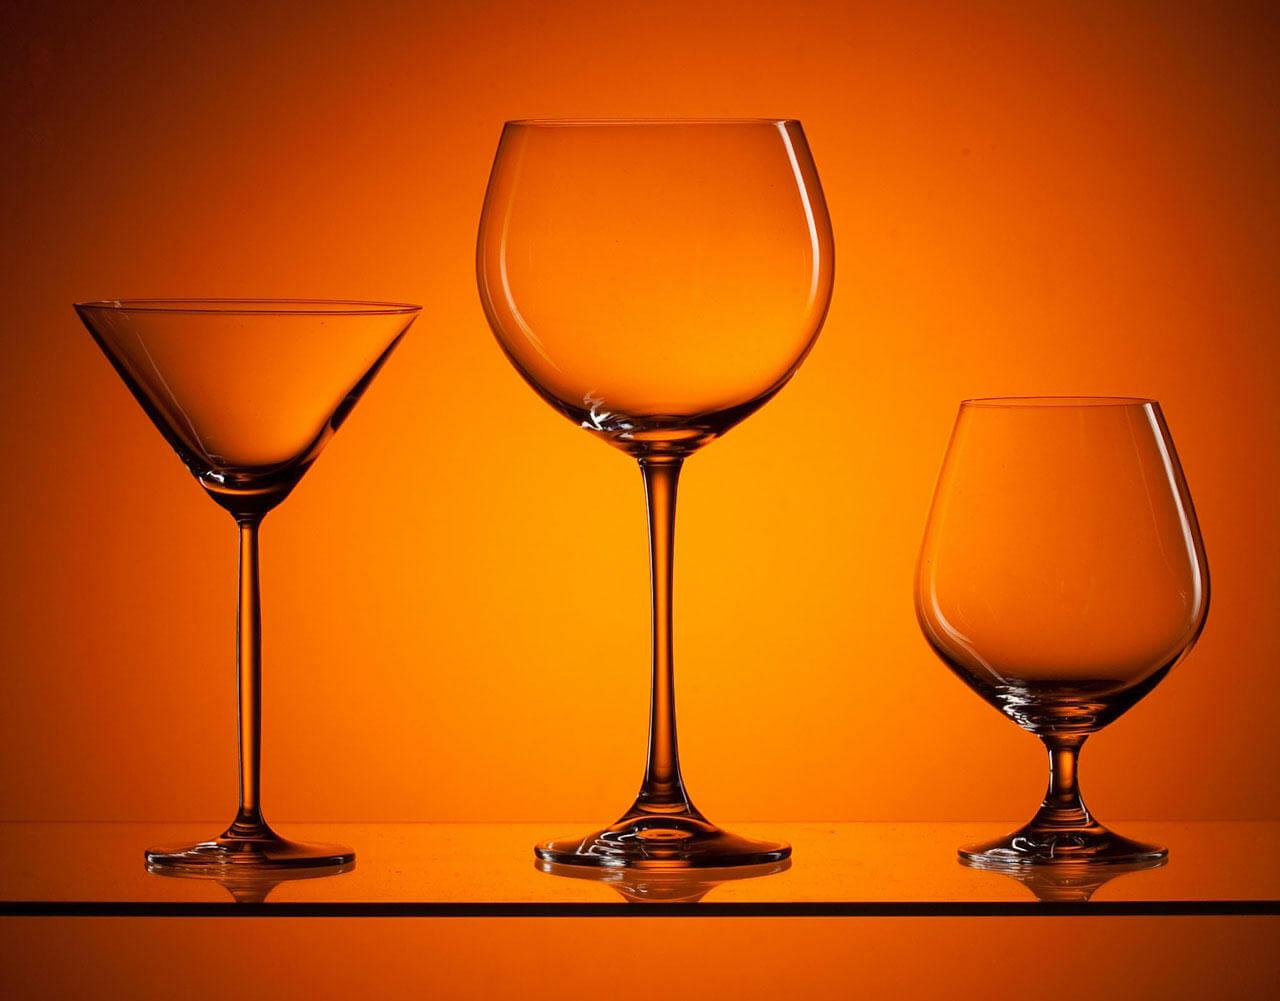 Бокалы для разных типов вин